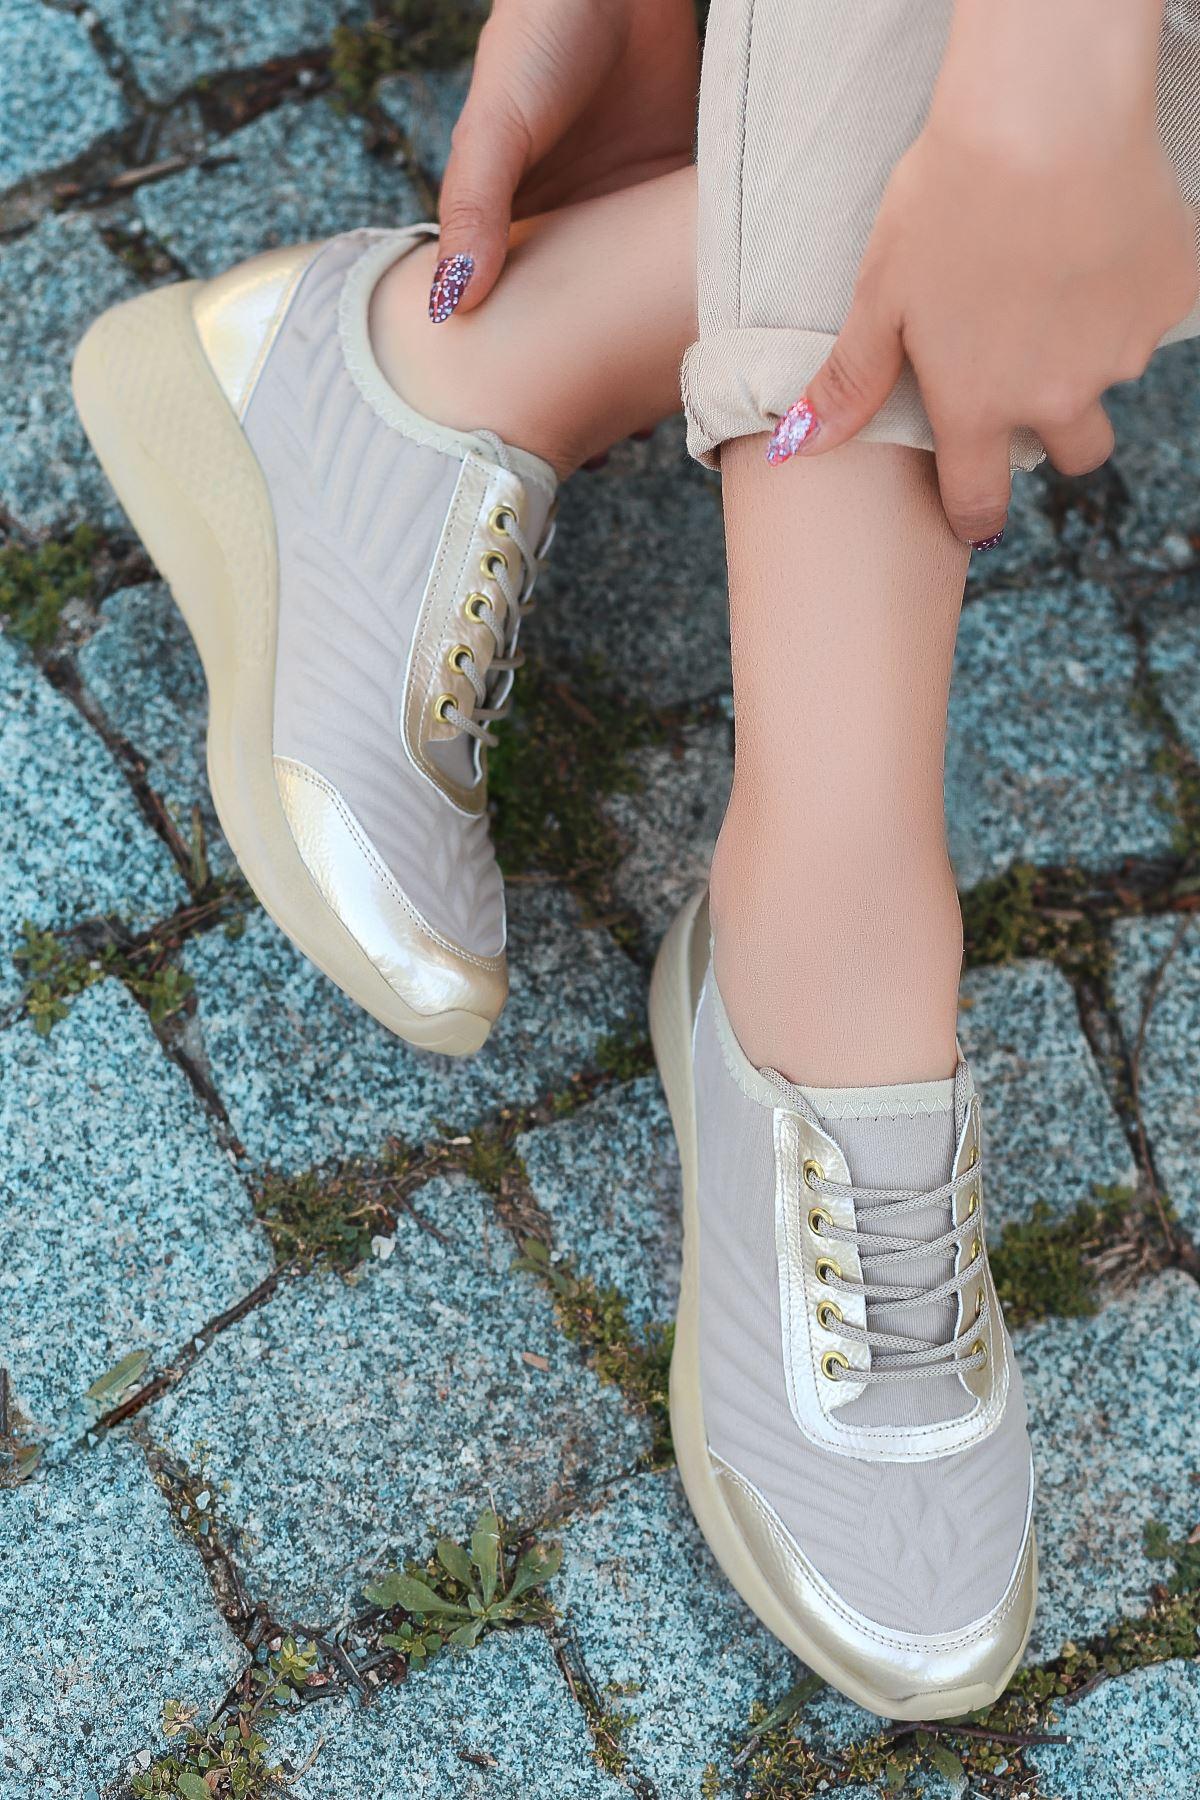 Otuzbes 2022 Kabartma Baskılı Günlük Spor Bej Kadın Spor Ayakkabı